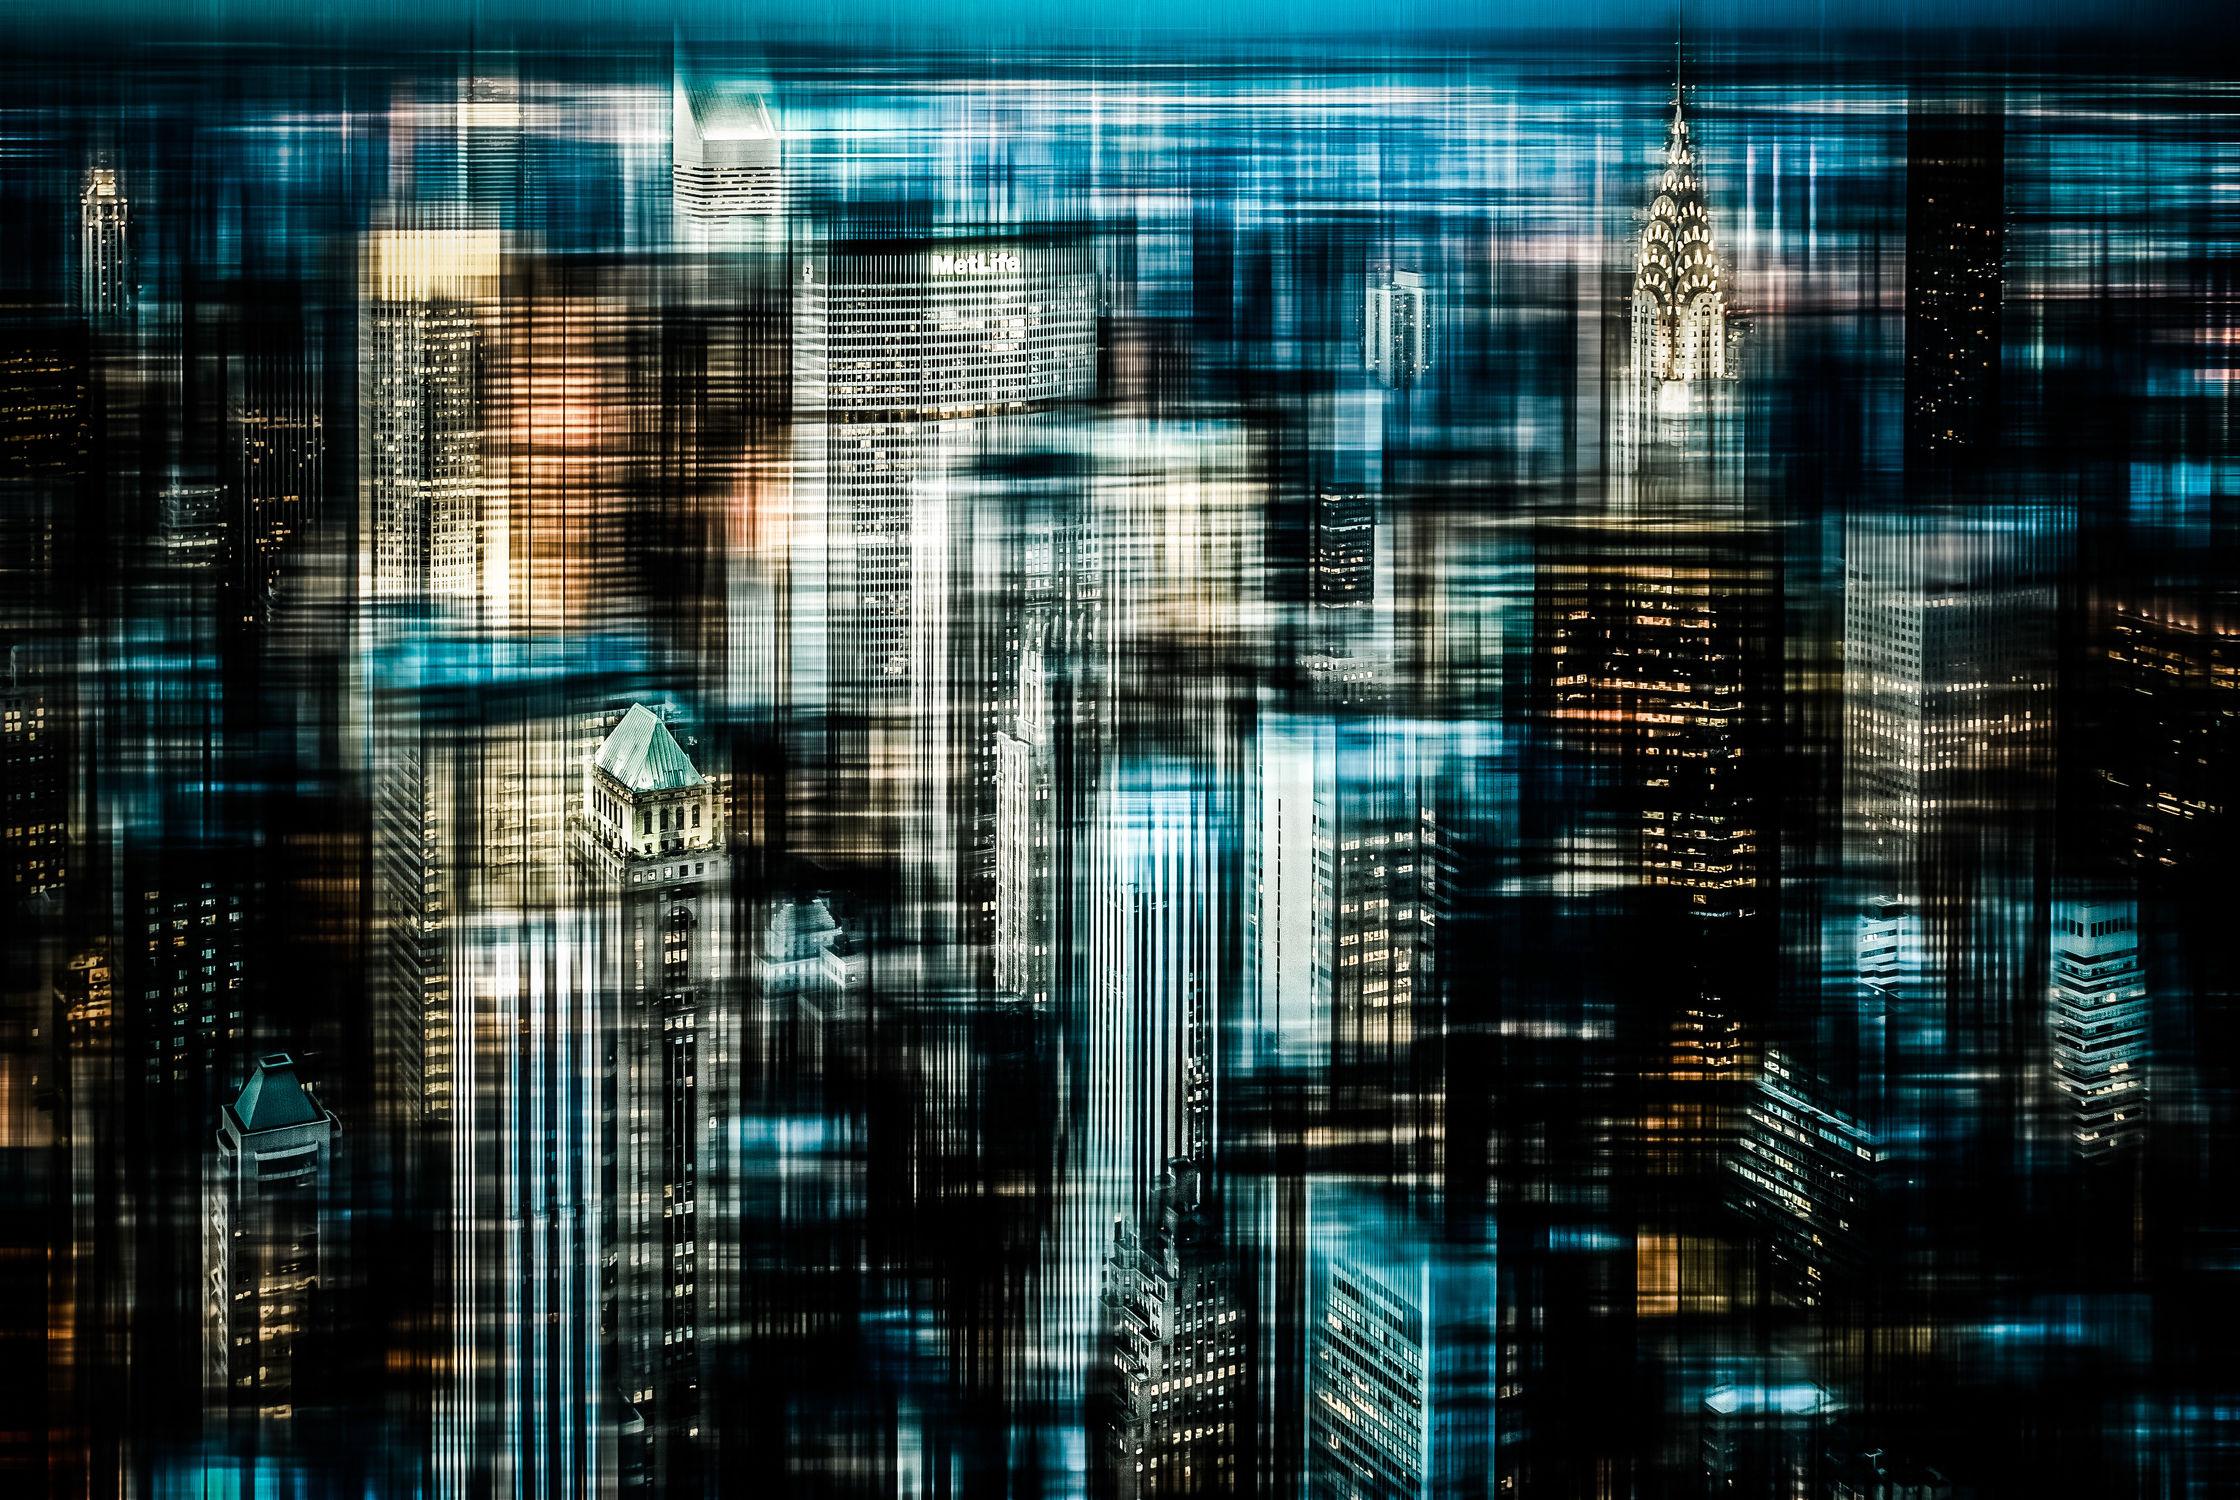 Bild mit Kunst, Architektur, Abstrakt, art, New York, USA, NYC, Manhatten, empire state building